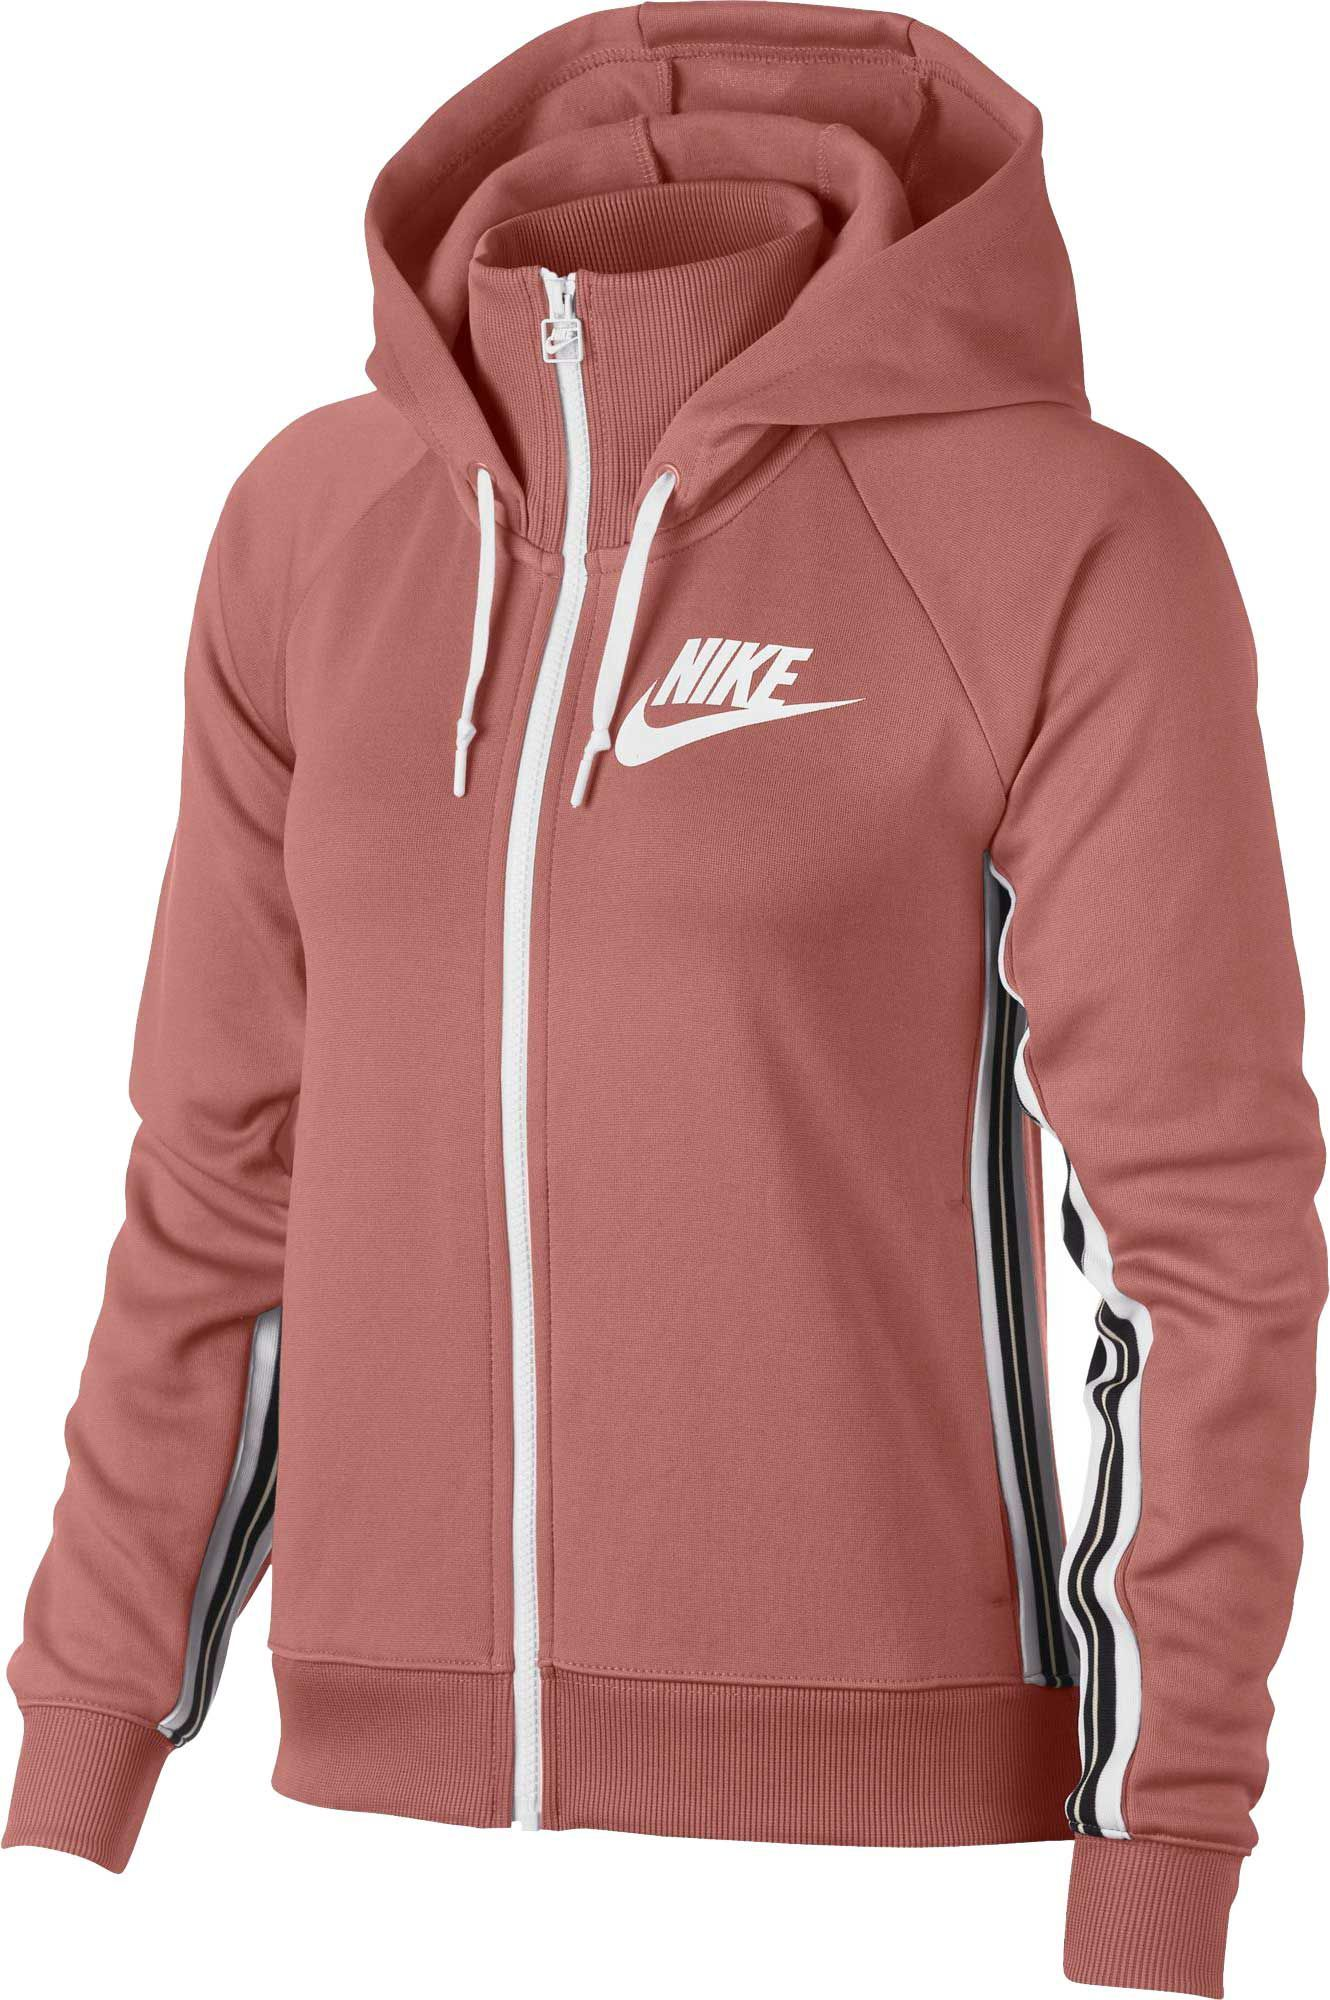 830b9969e7 Nike Women s Sportswear Full-Zip Tracksuit Hoodie in 2019